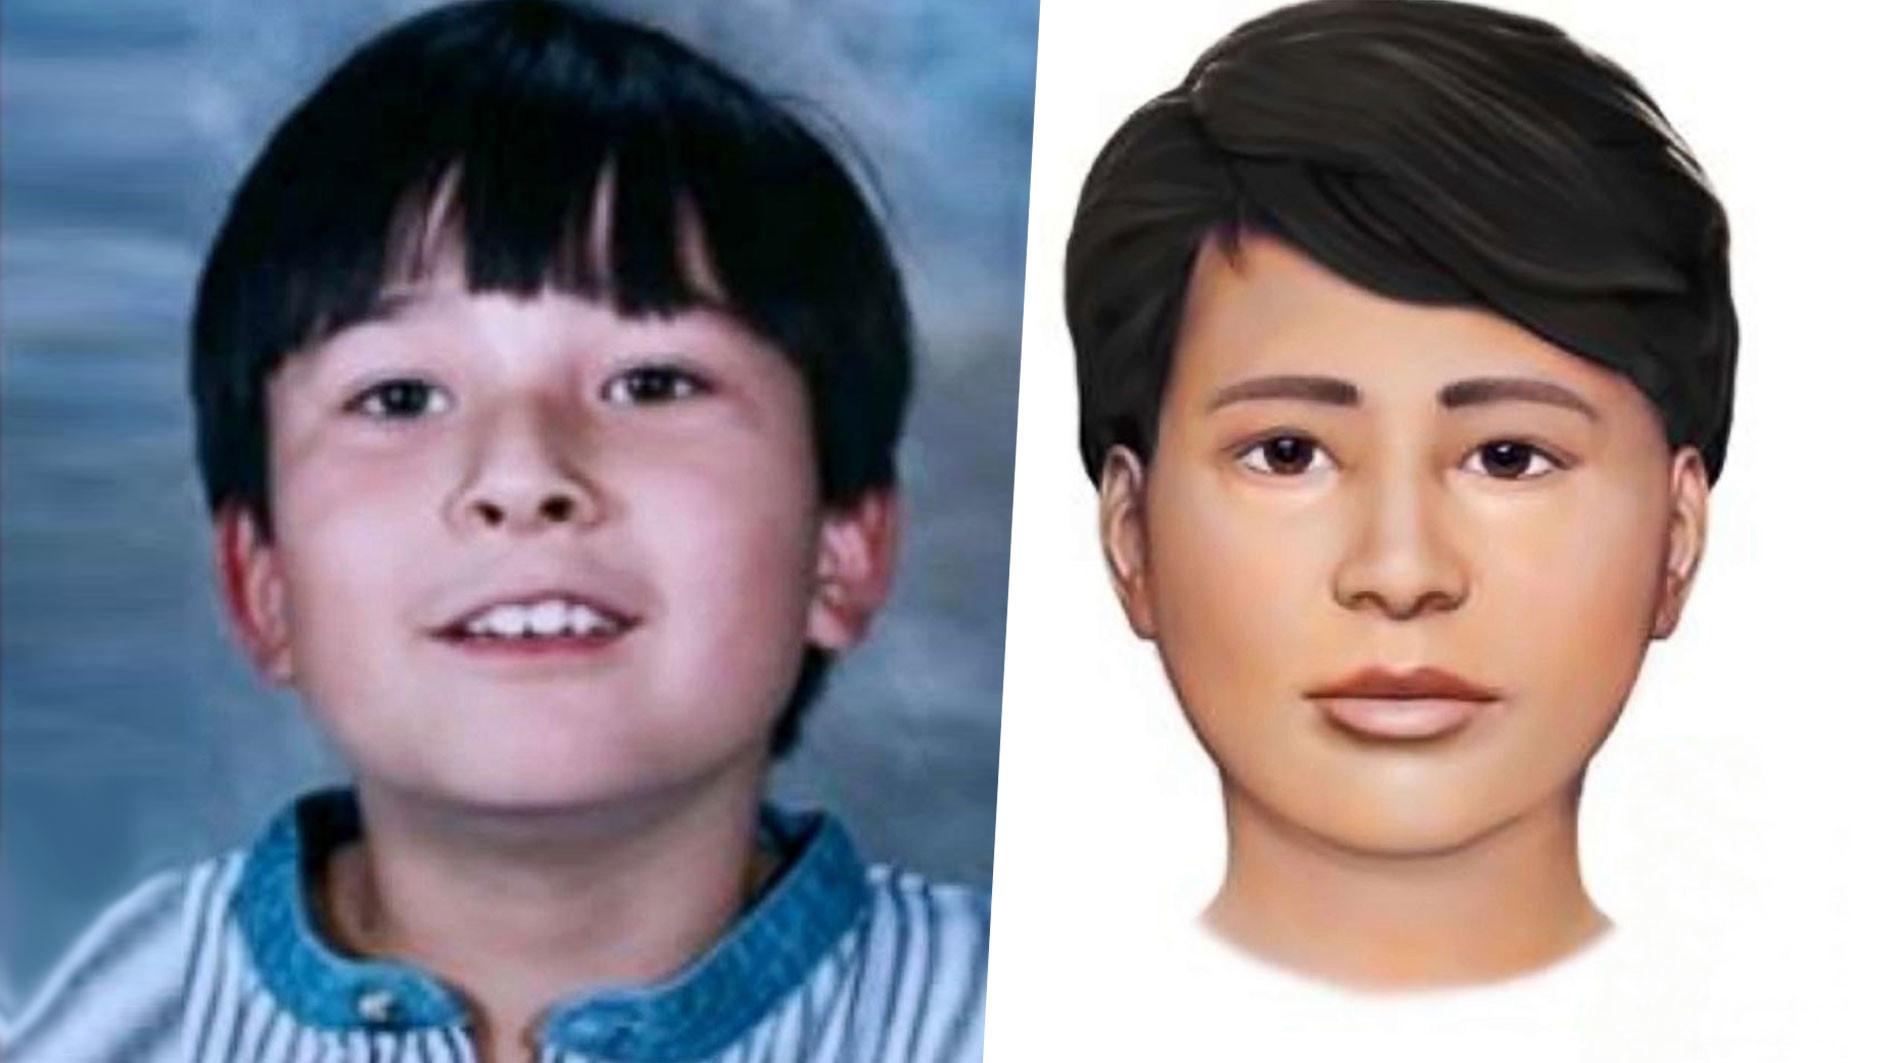 Фото © National Center for Missing & Exploited Children